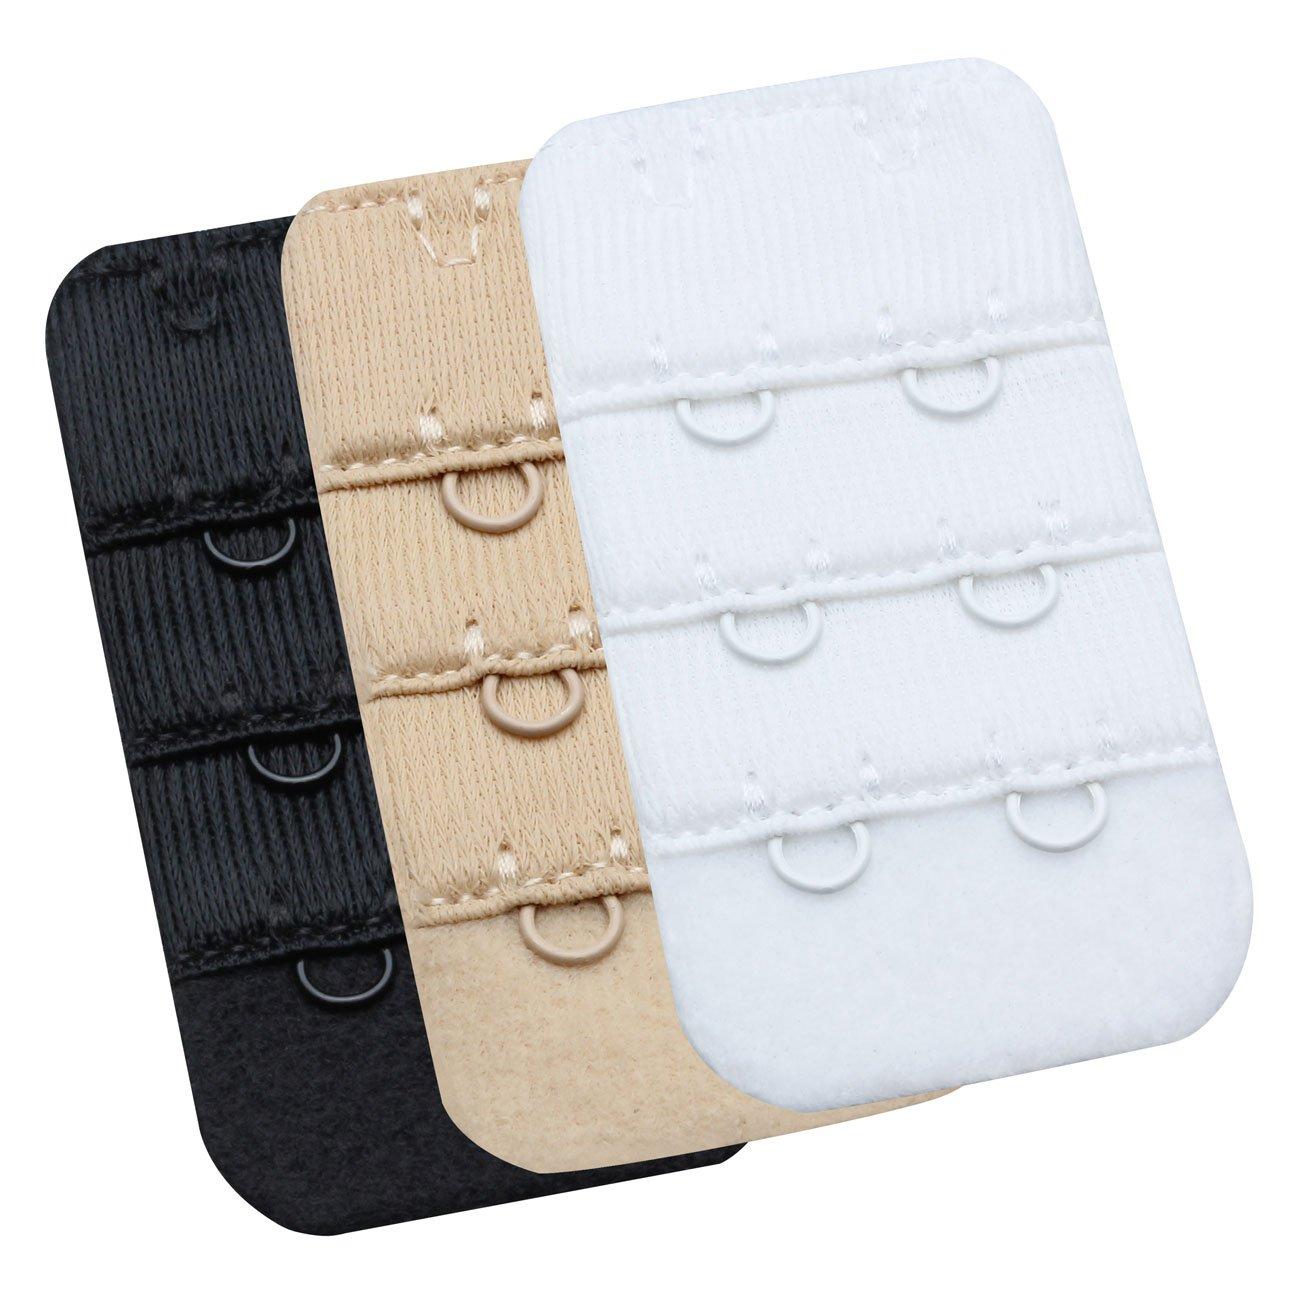 Wingslove Extensores de Sujetador Para Mujer Sujetador Extensor Brasier de Lactancia Sujetadores Baratos (2 ganchos 1/2 pulgadas Espacio): Amazon.es: Ropa y ...